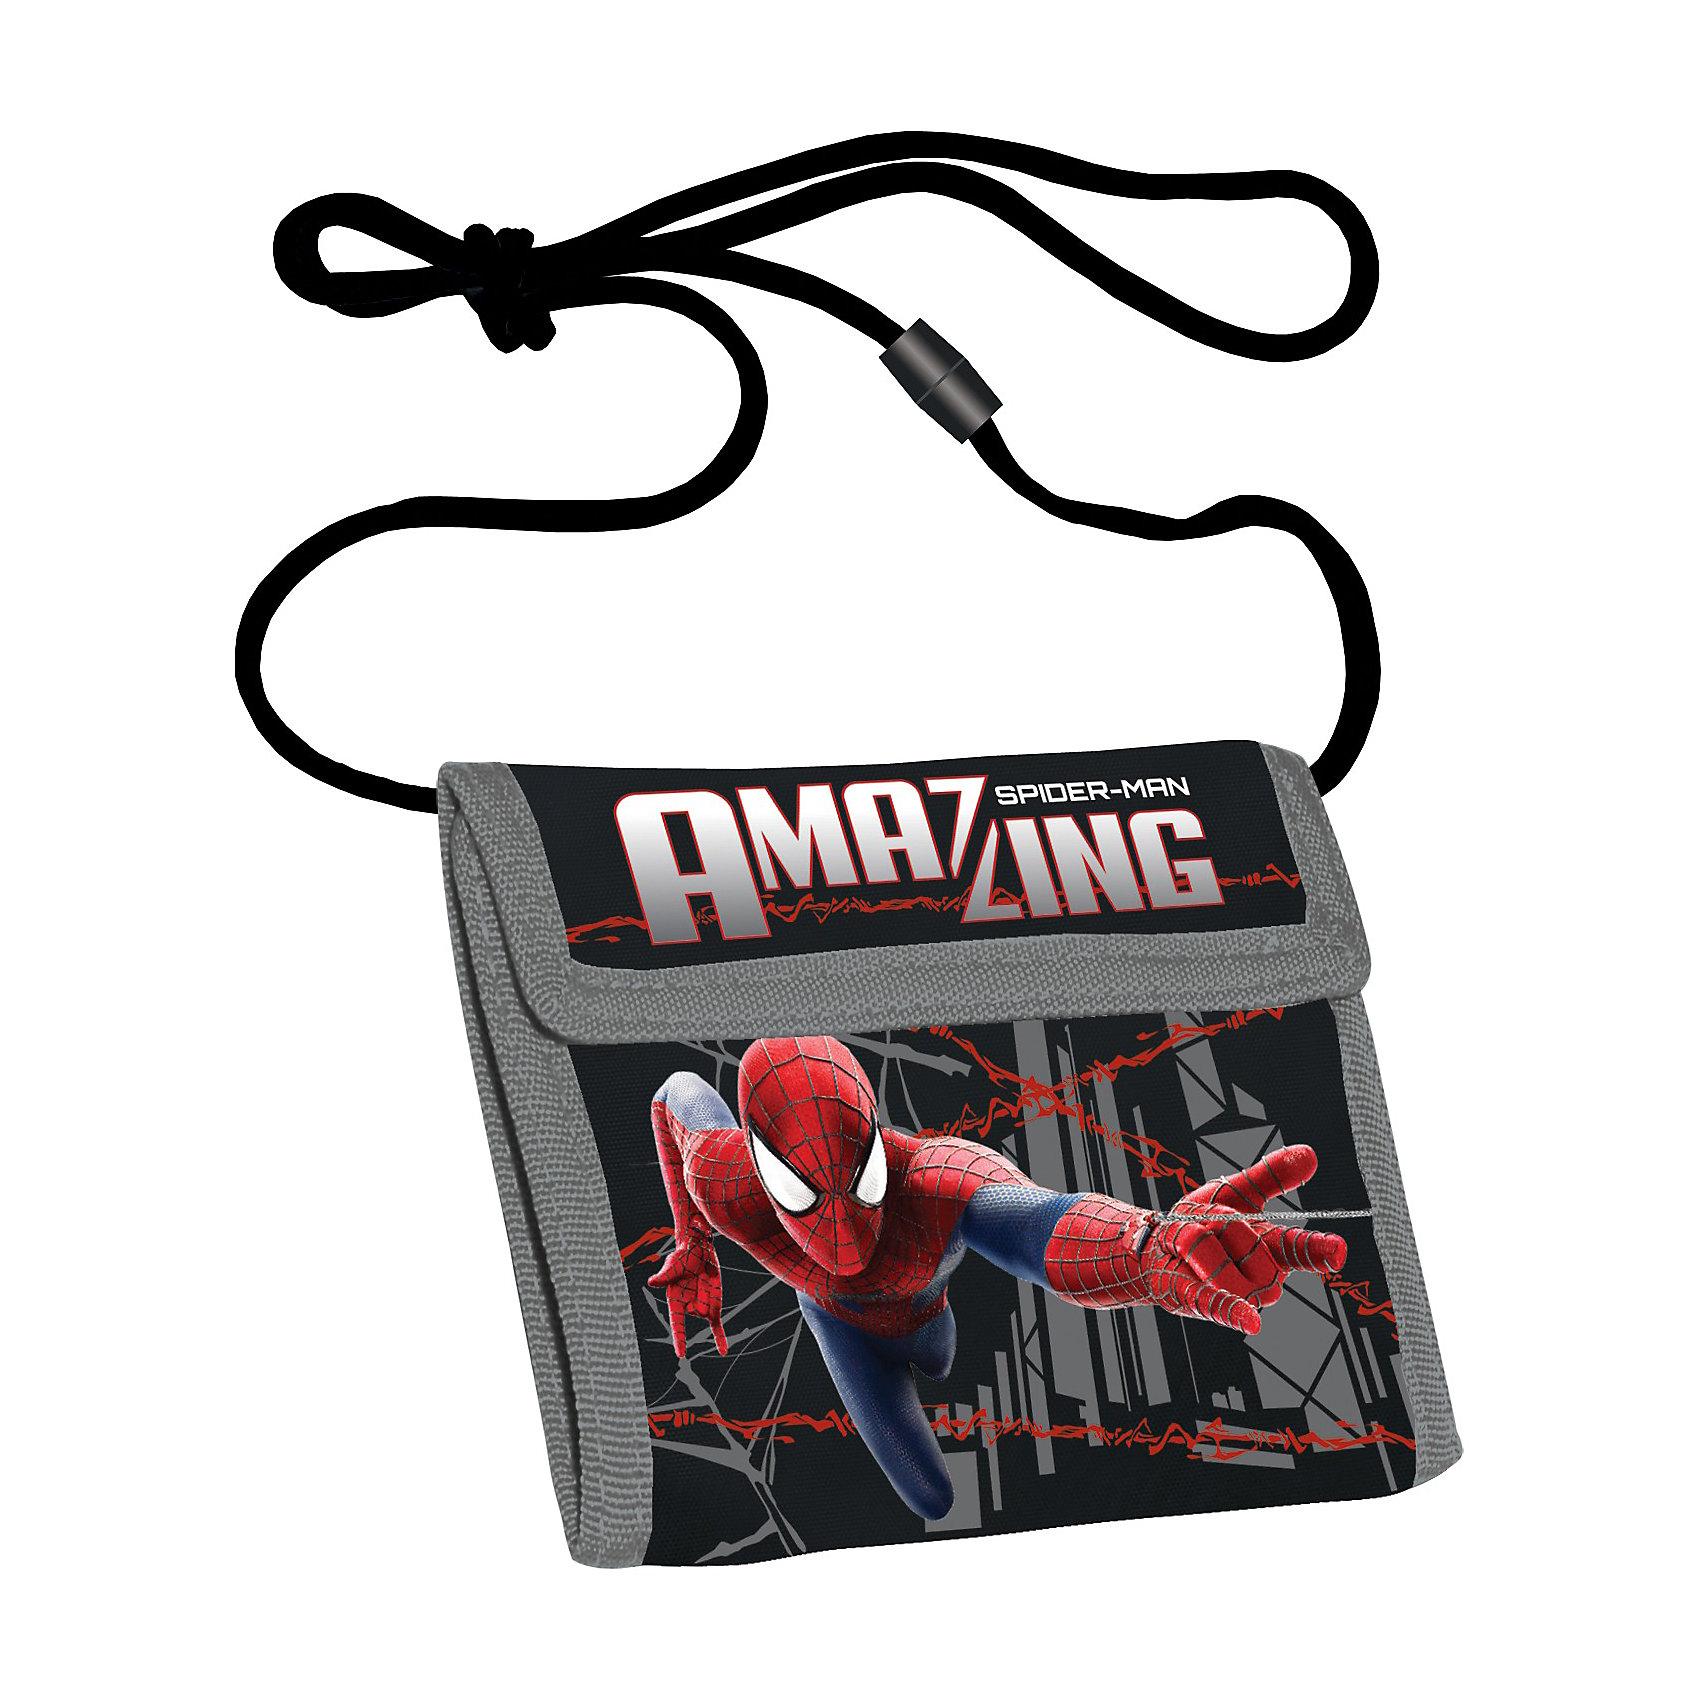 Кошелек, Человек-ПаукЧеловек-Паук<br>Кошелек, Человек-паук пригодится и для хранения мелочей. Легкий компактный кошелек выполнен из полиэстера, и украшен изображением популярного героя Человека-Паука, что несомненно порадует маленьких поклонников. Кошелек имеет веревочку-ручку с регулирующей клипсой.<br><br>Яркий аксессуар станет прекрасным подарком юным героям!<br><br>Дополнительная информация:<br><br>- Материал: полиэстер<br>- Размер: 9 х 9 х 2 см<br>- Вес: 40 г.<br><br>Кошелек, Человек-паук (Spider-Man) можно купить в нашем интернет-магазине.<br><br>Ширина мм: 90<br>Глубина мм: 90<br>Высота мм: 20<br>Вес г: 38<br>Возраст от месяцев: 48<br>Возраст до месяцев: 84<br>Пол: Мужской<br>Возраст: Детский<br>SKU: 3563069